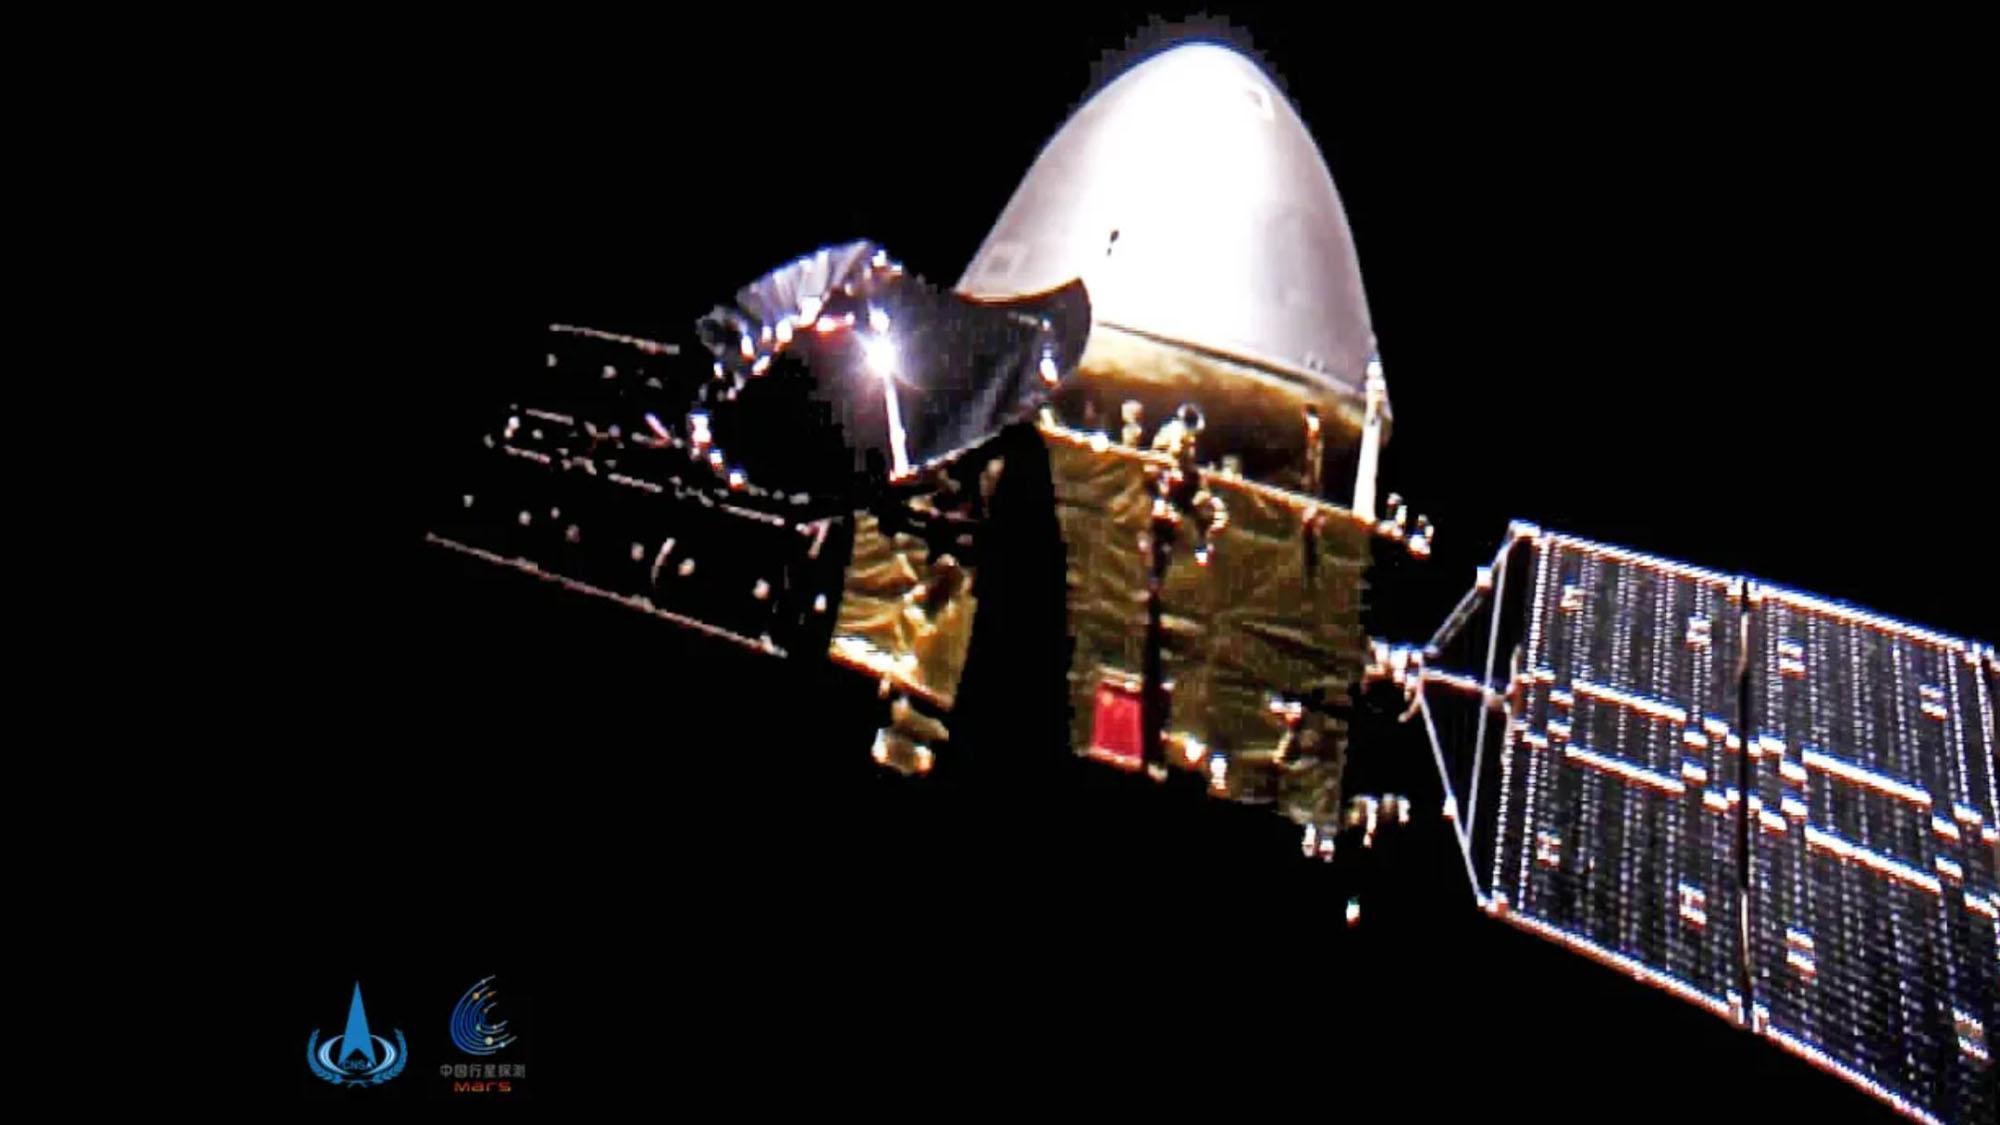 La sonde chinoise Tianwen-1 sur Mars est vue par une minuscule caméra éjectée du vaisseau spatial sur une photo prise à 15 millions de kilomètres de la Terre.